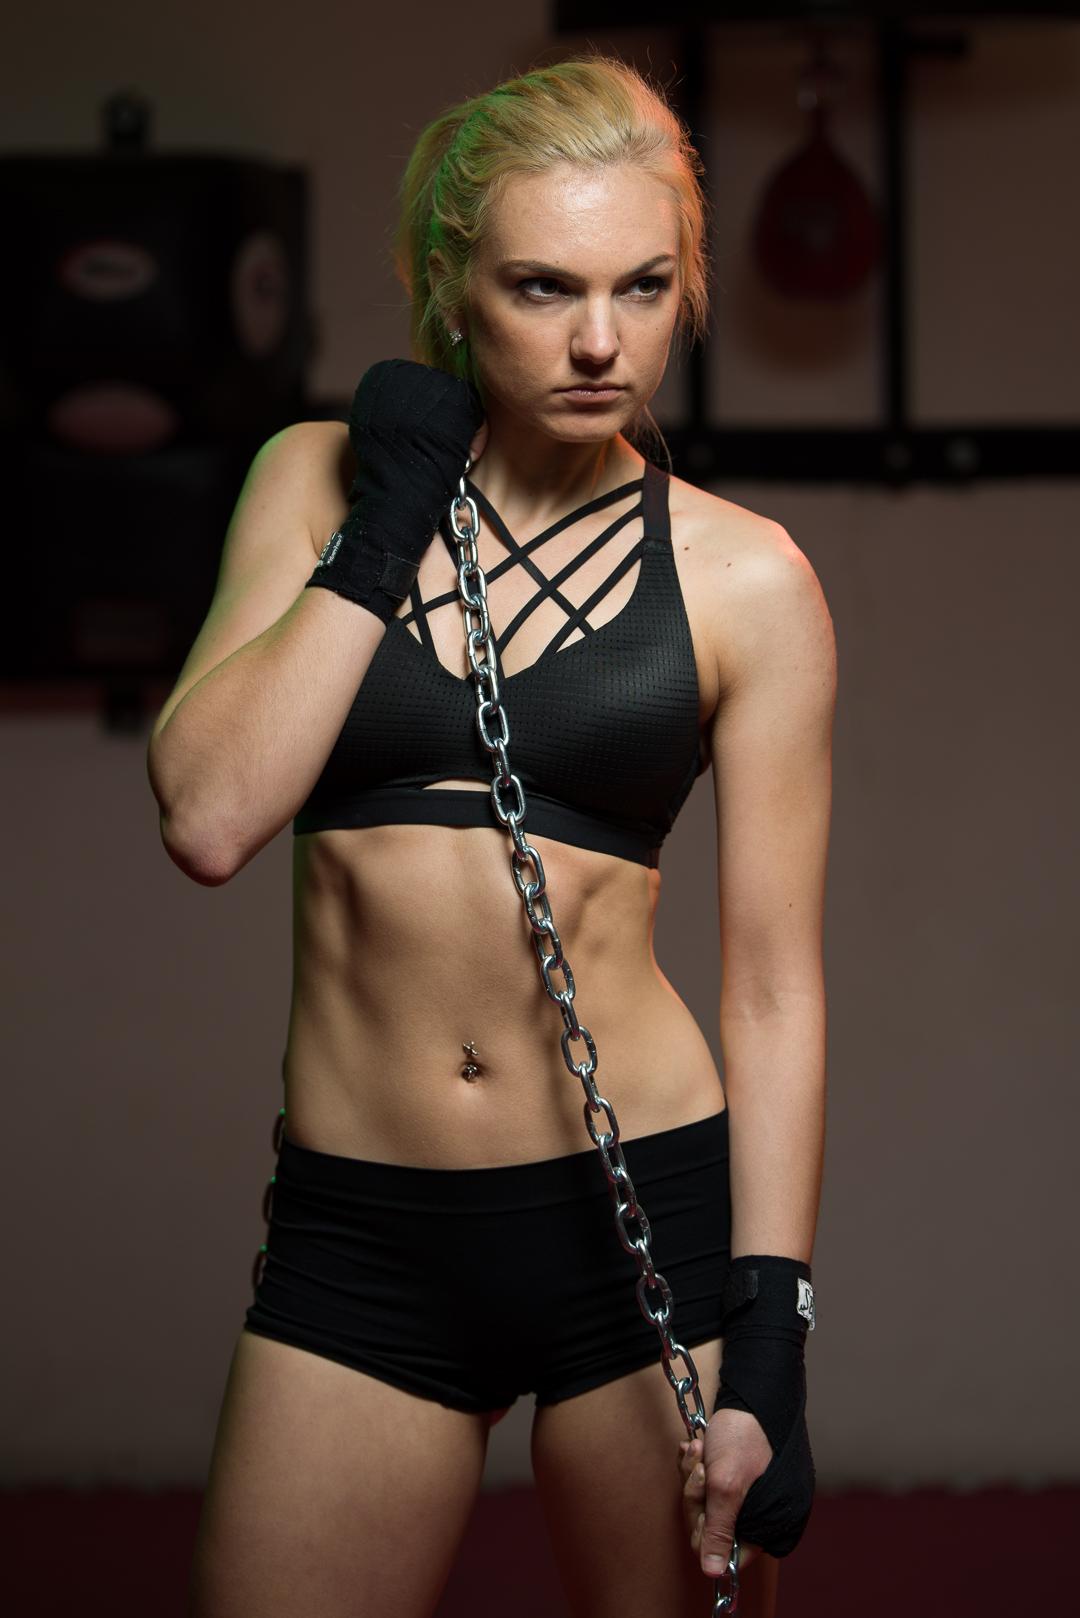 Taylor_Fitness-18.jpg